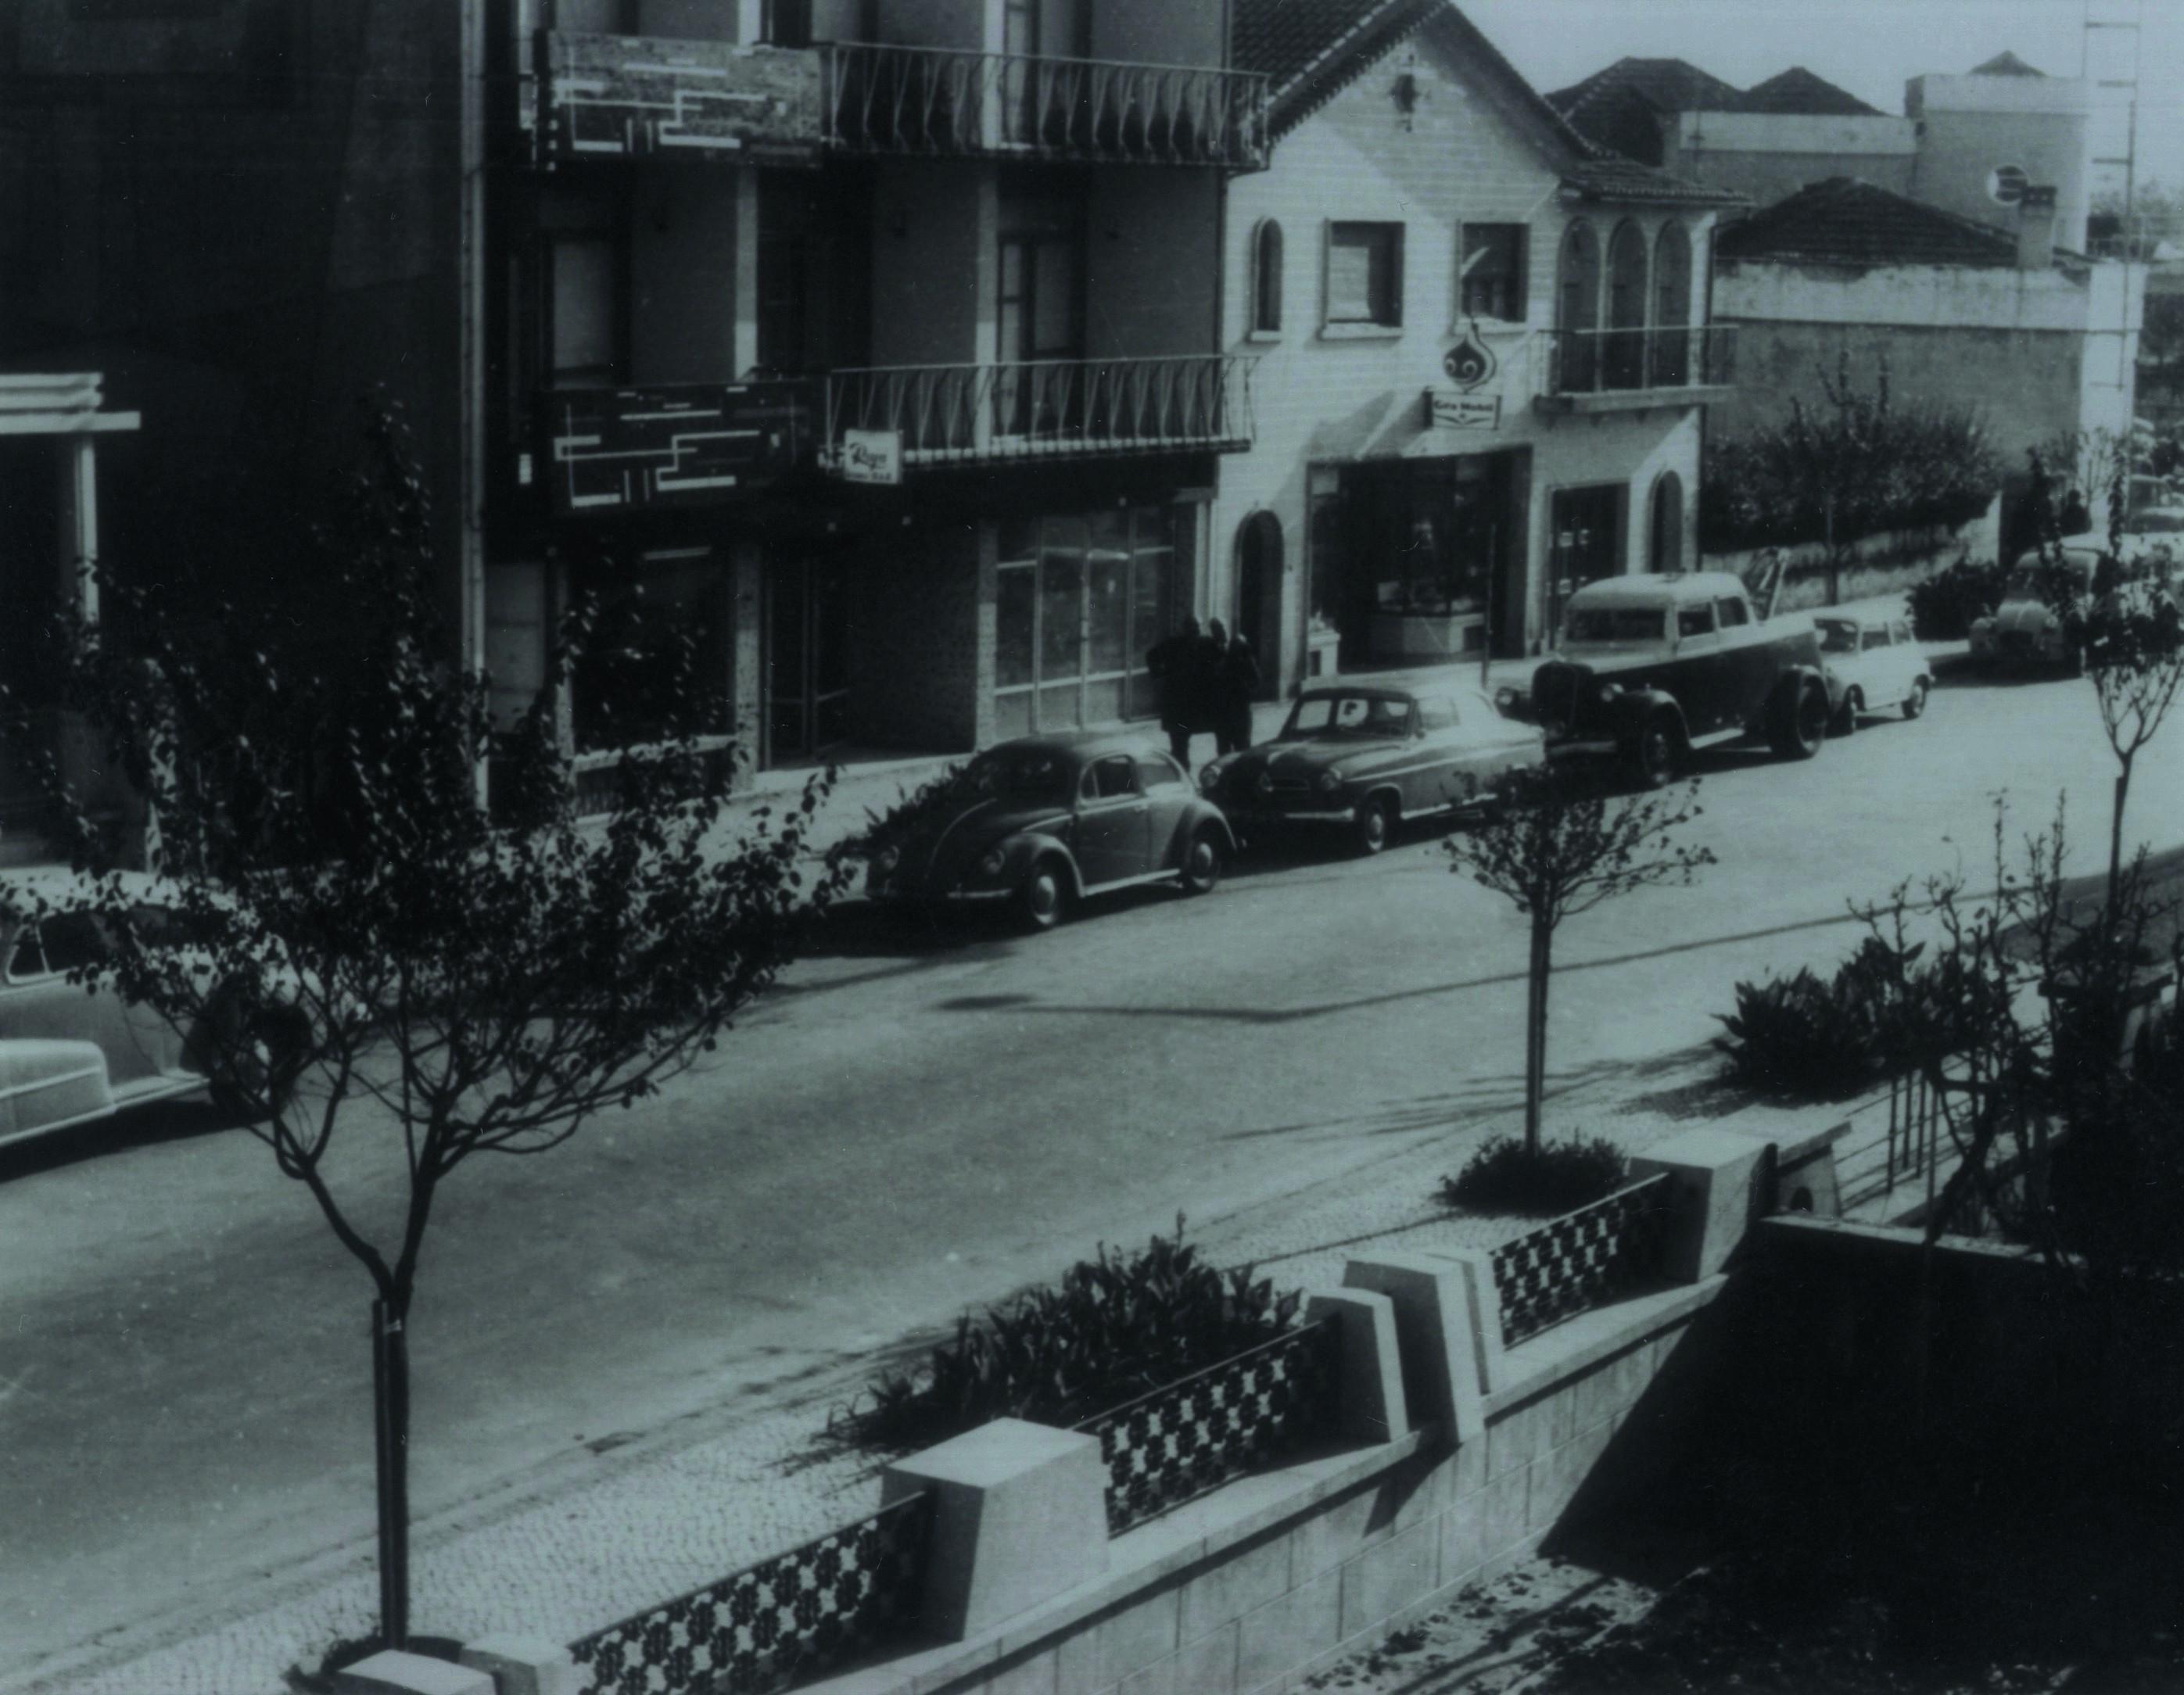 Avenida António José de Almeida (1965)